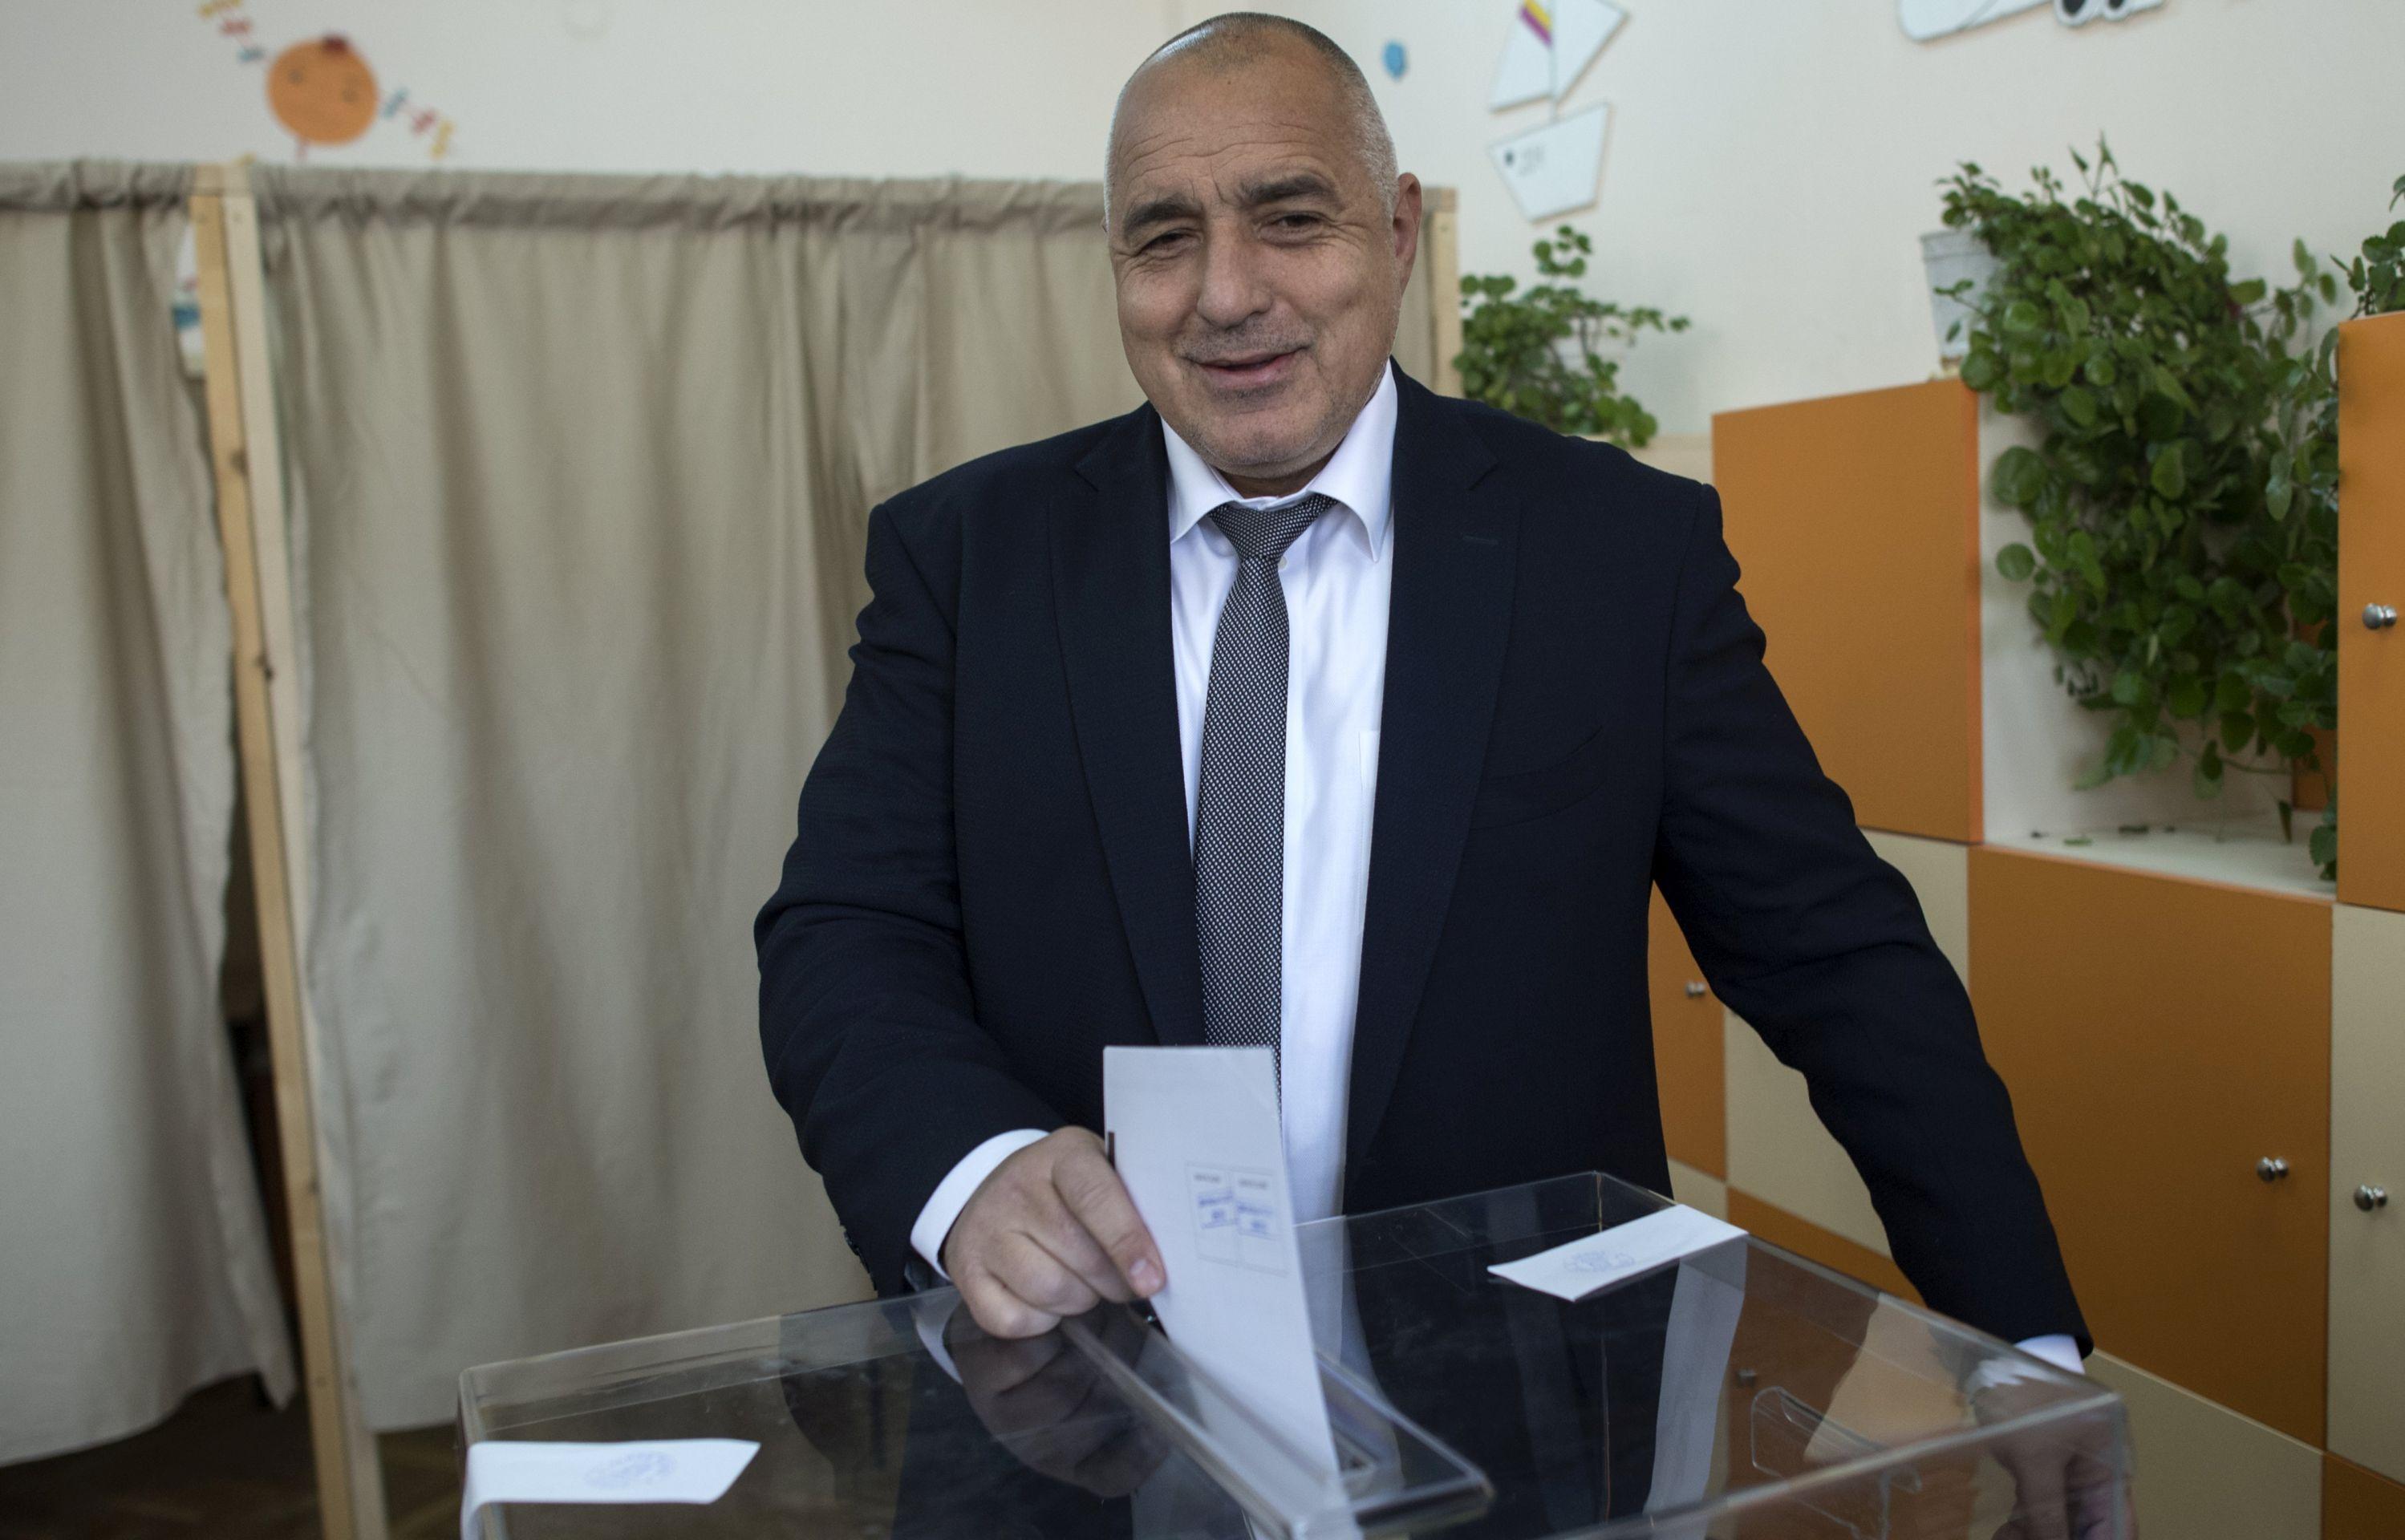 BUGARSKA: GERB bivšeg premijera Borisova izborni pobjednik